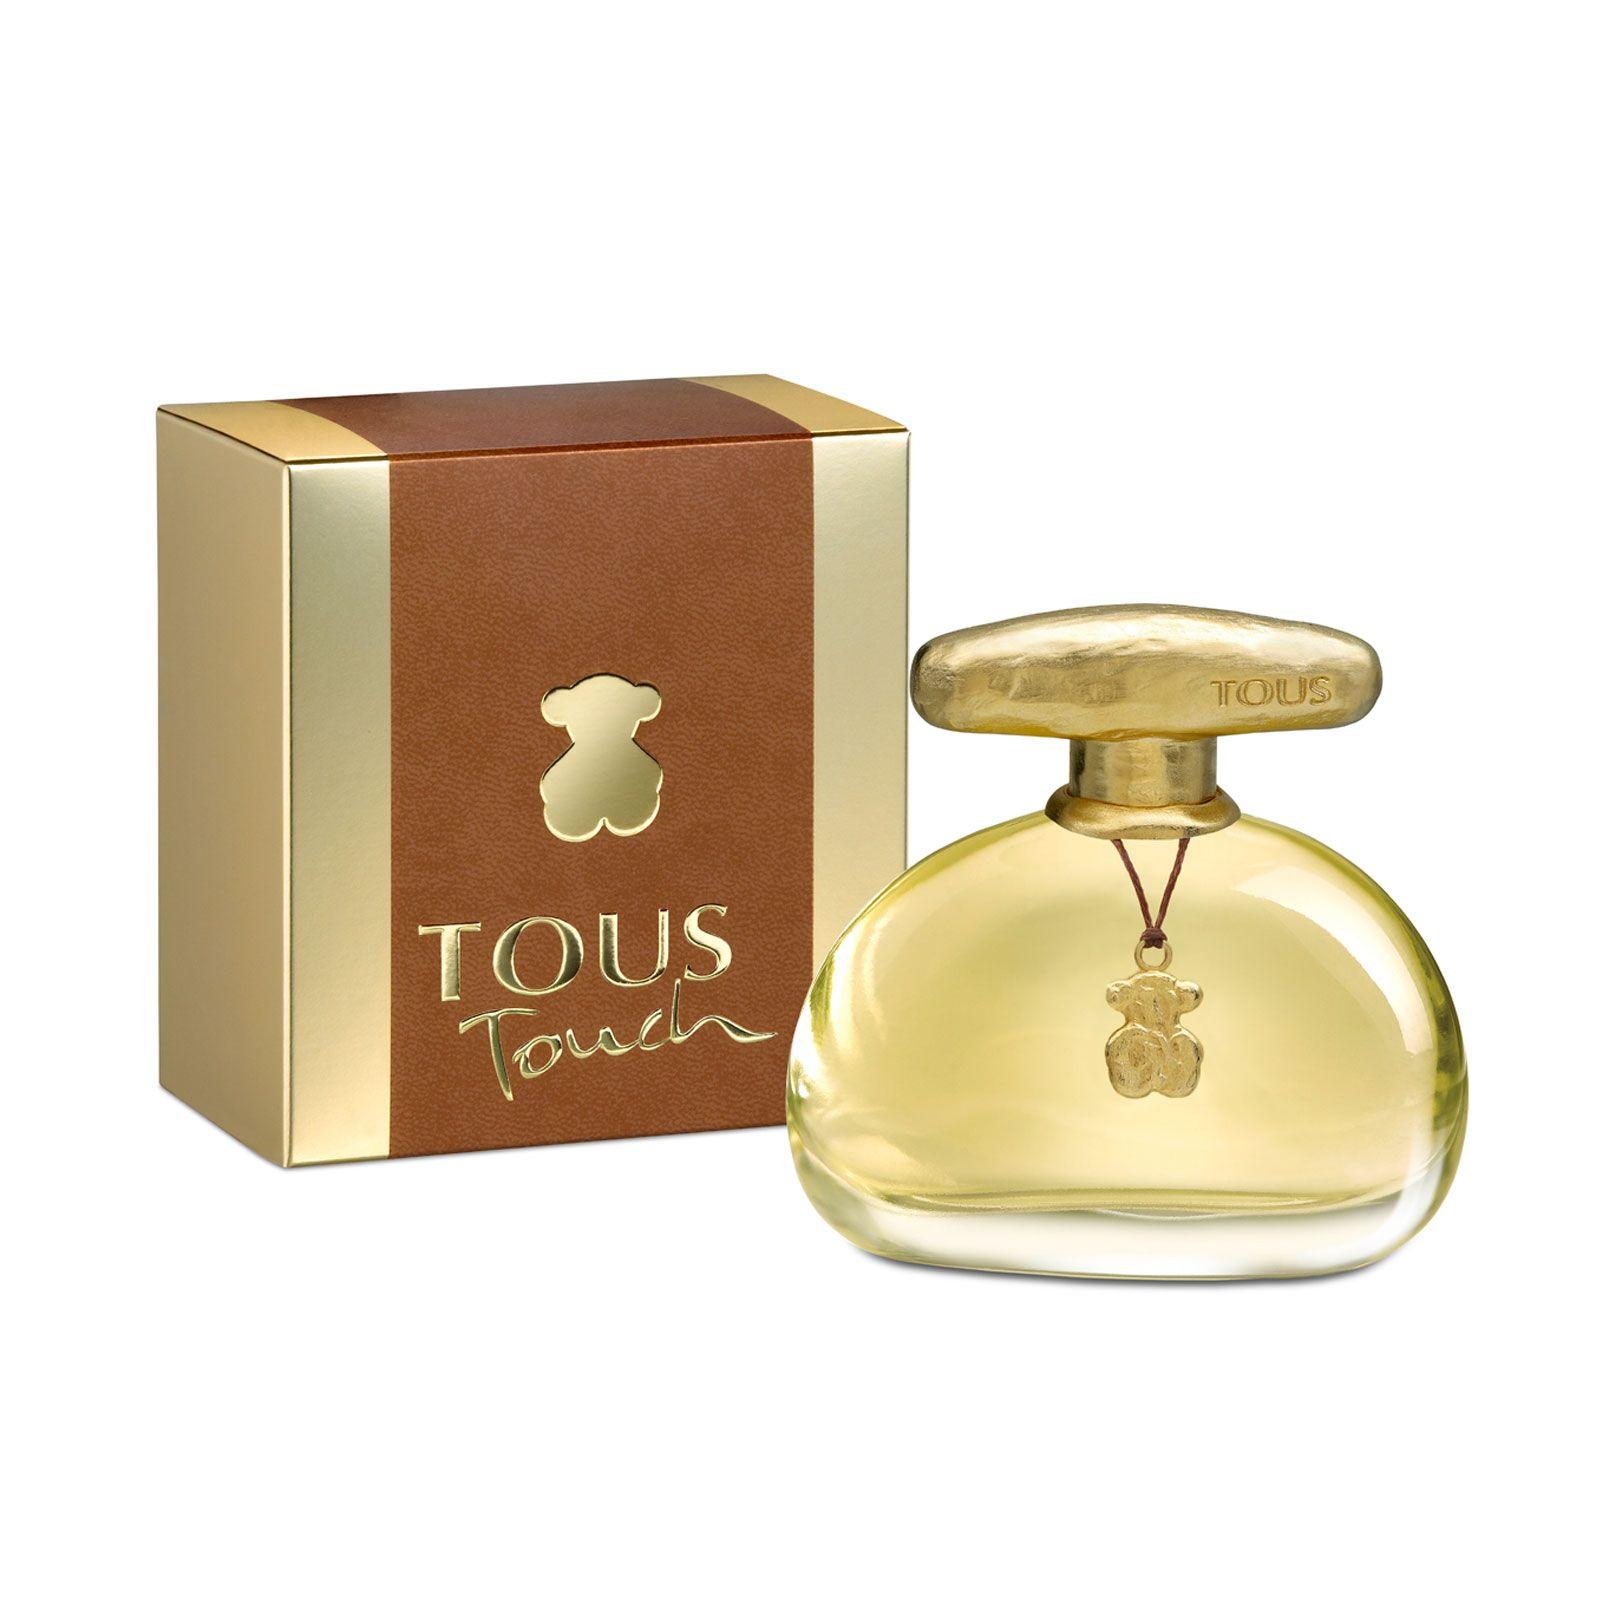 TOUS Touch TOUS Perfume, Perfumeria